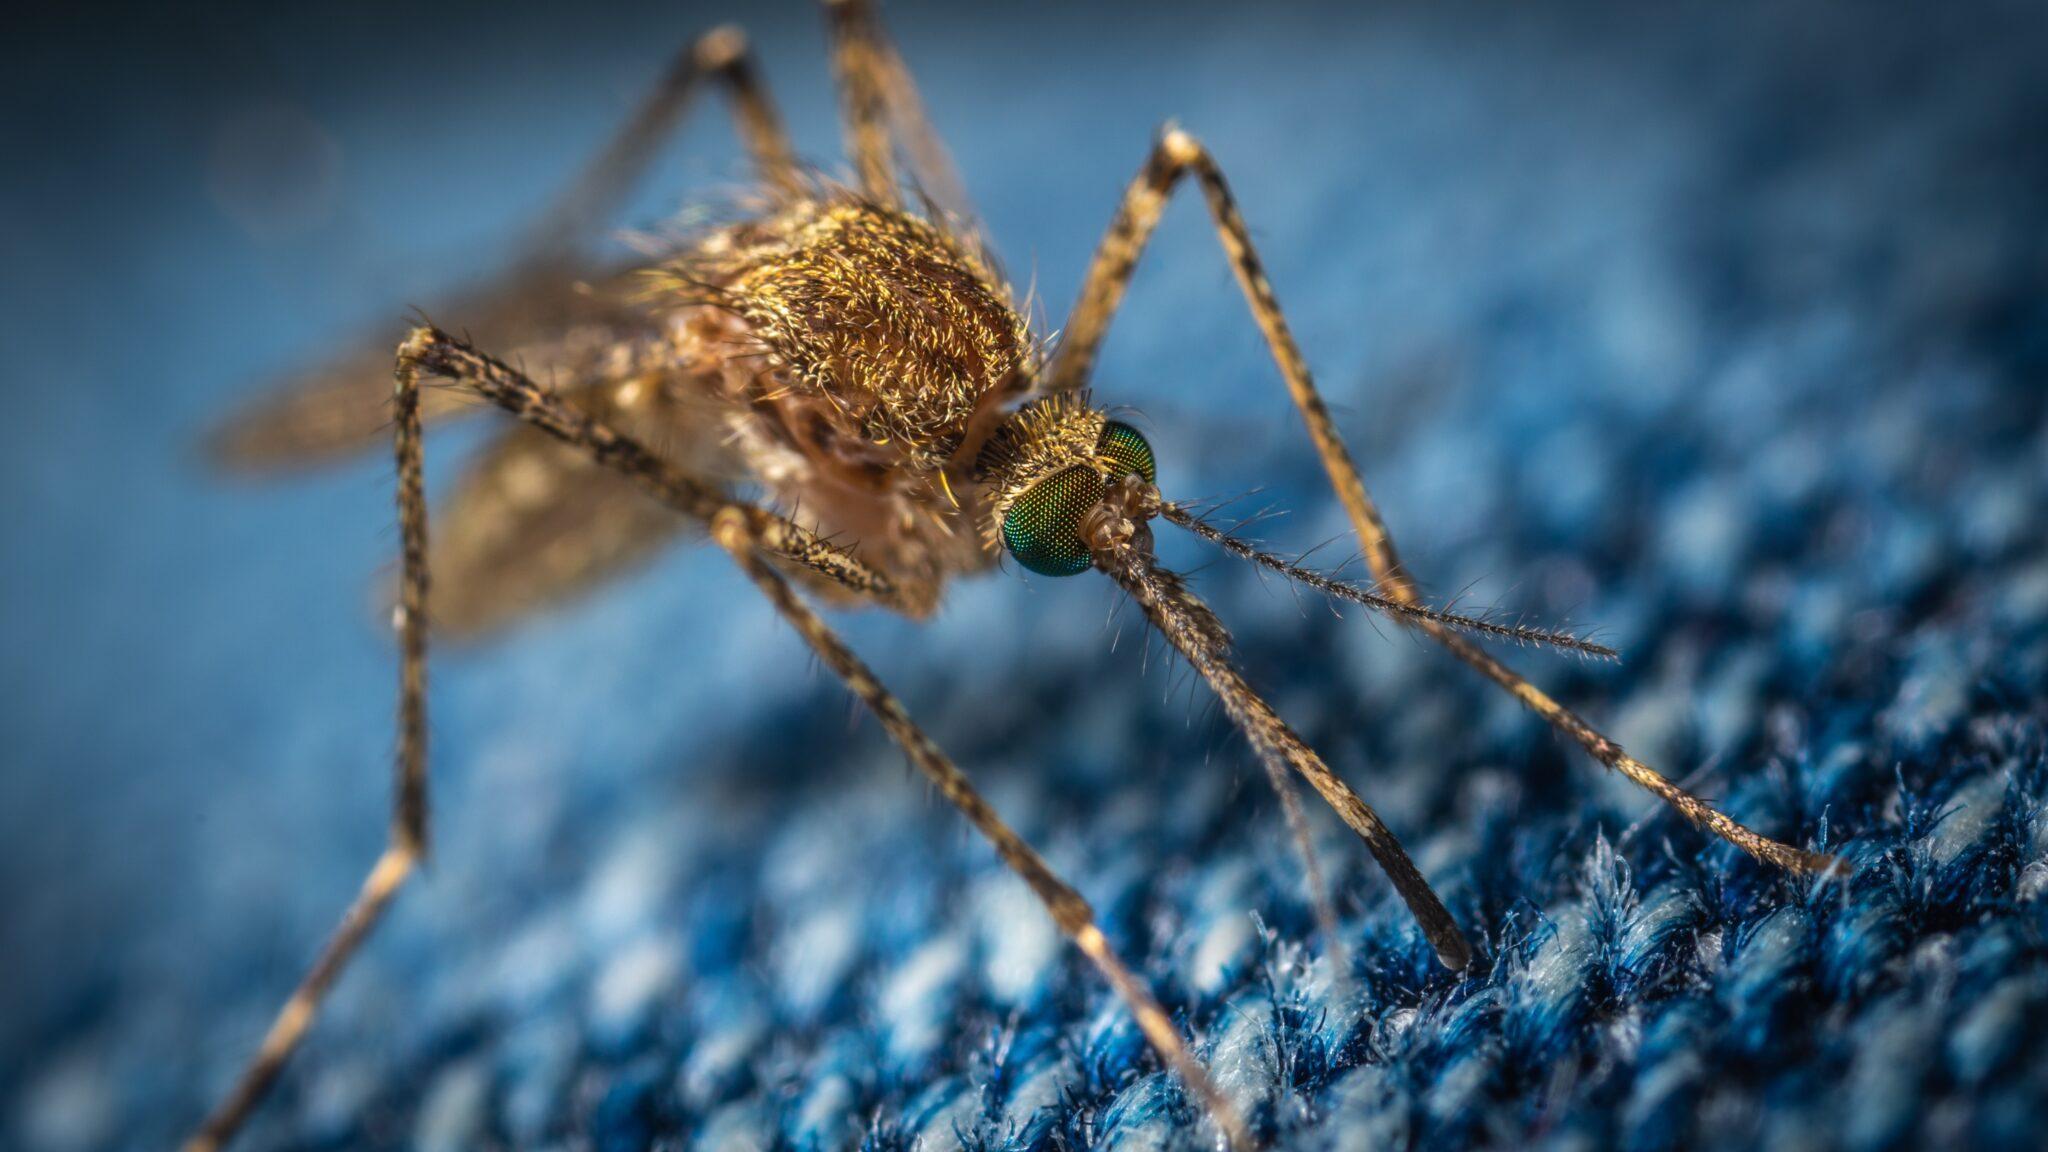 Ученые заразят комаров микробами, чтобы защититься от малярии